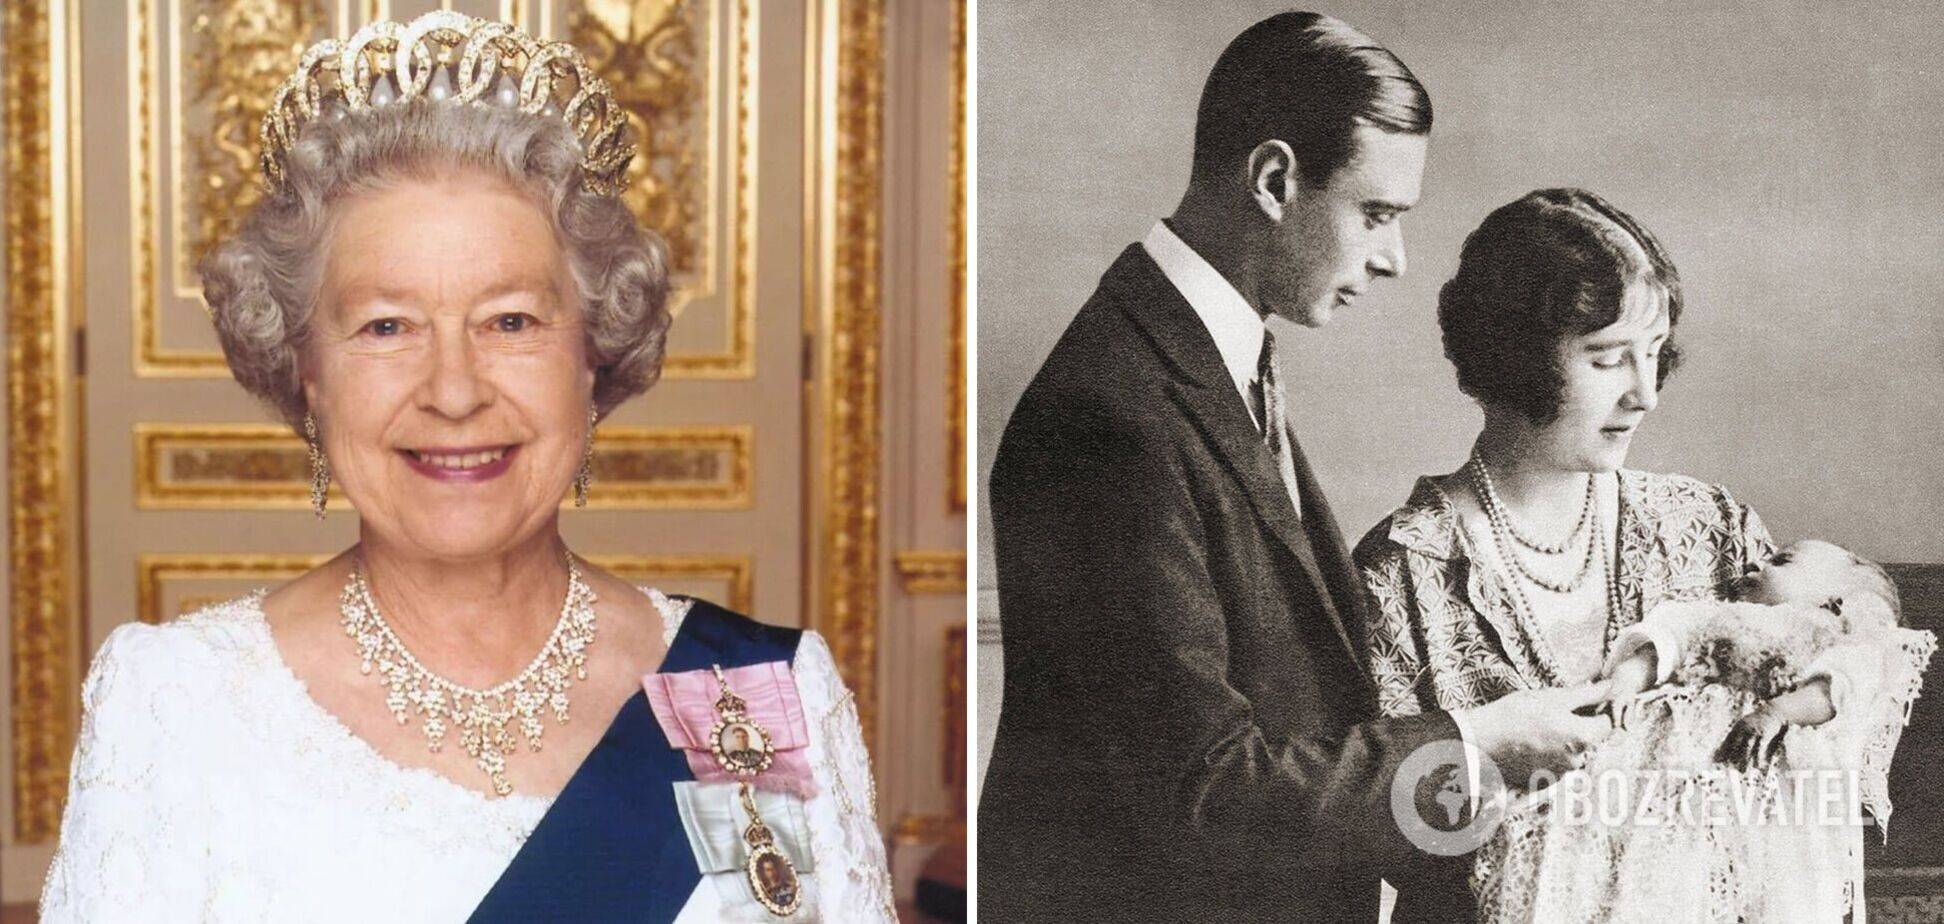 З'явилося рідкісне фото батьків королеви Єлизавети II